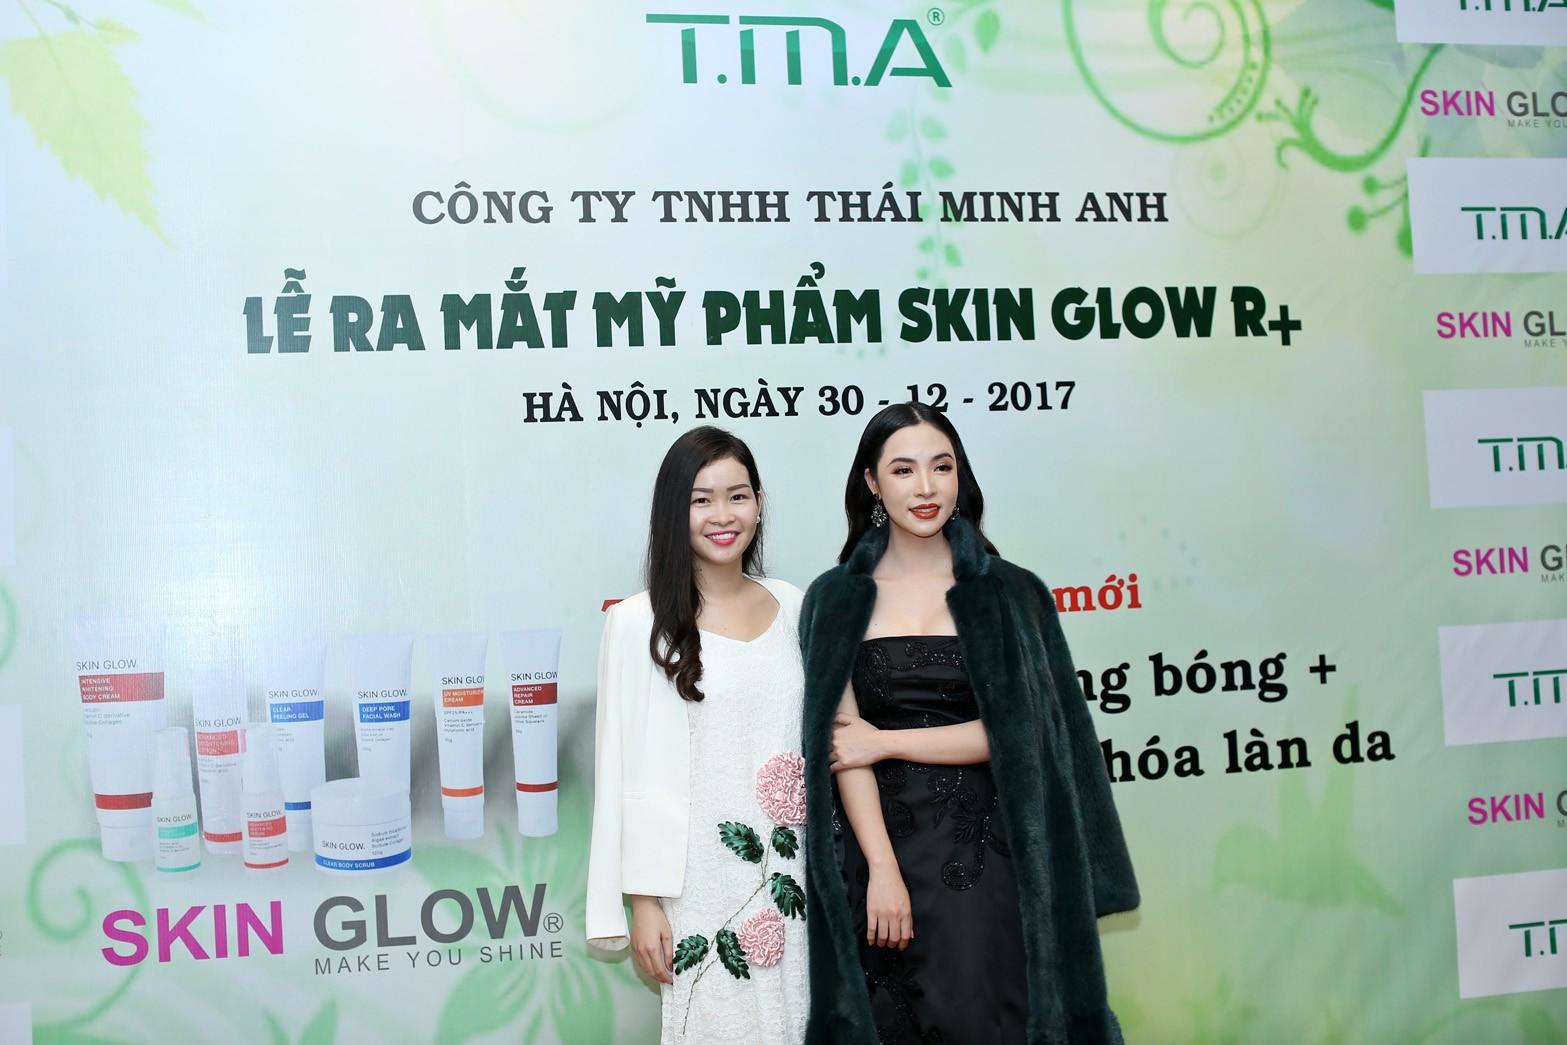 Cần biết - Á hoàng Nguyễn Nhung: Từ chuyên gia làm đẹp tới đại sứ thương hiệu Skin Glow (Hình 4).